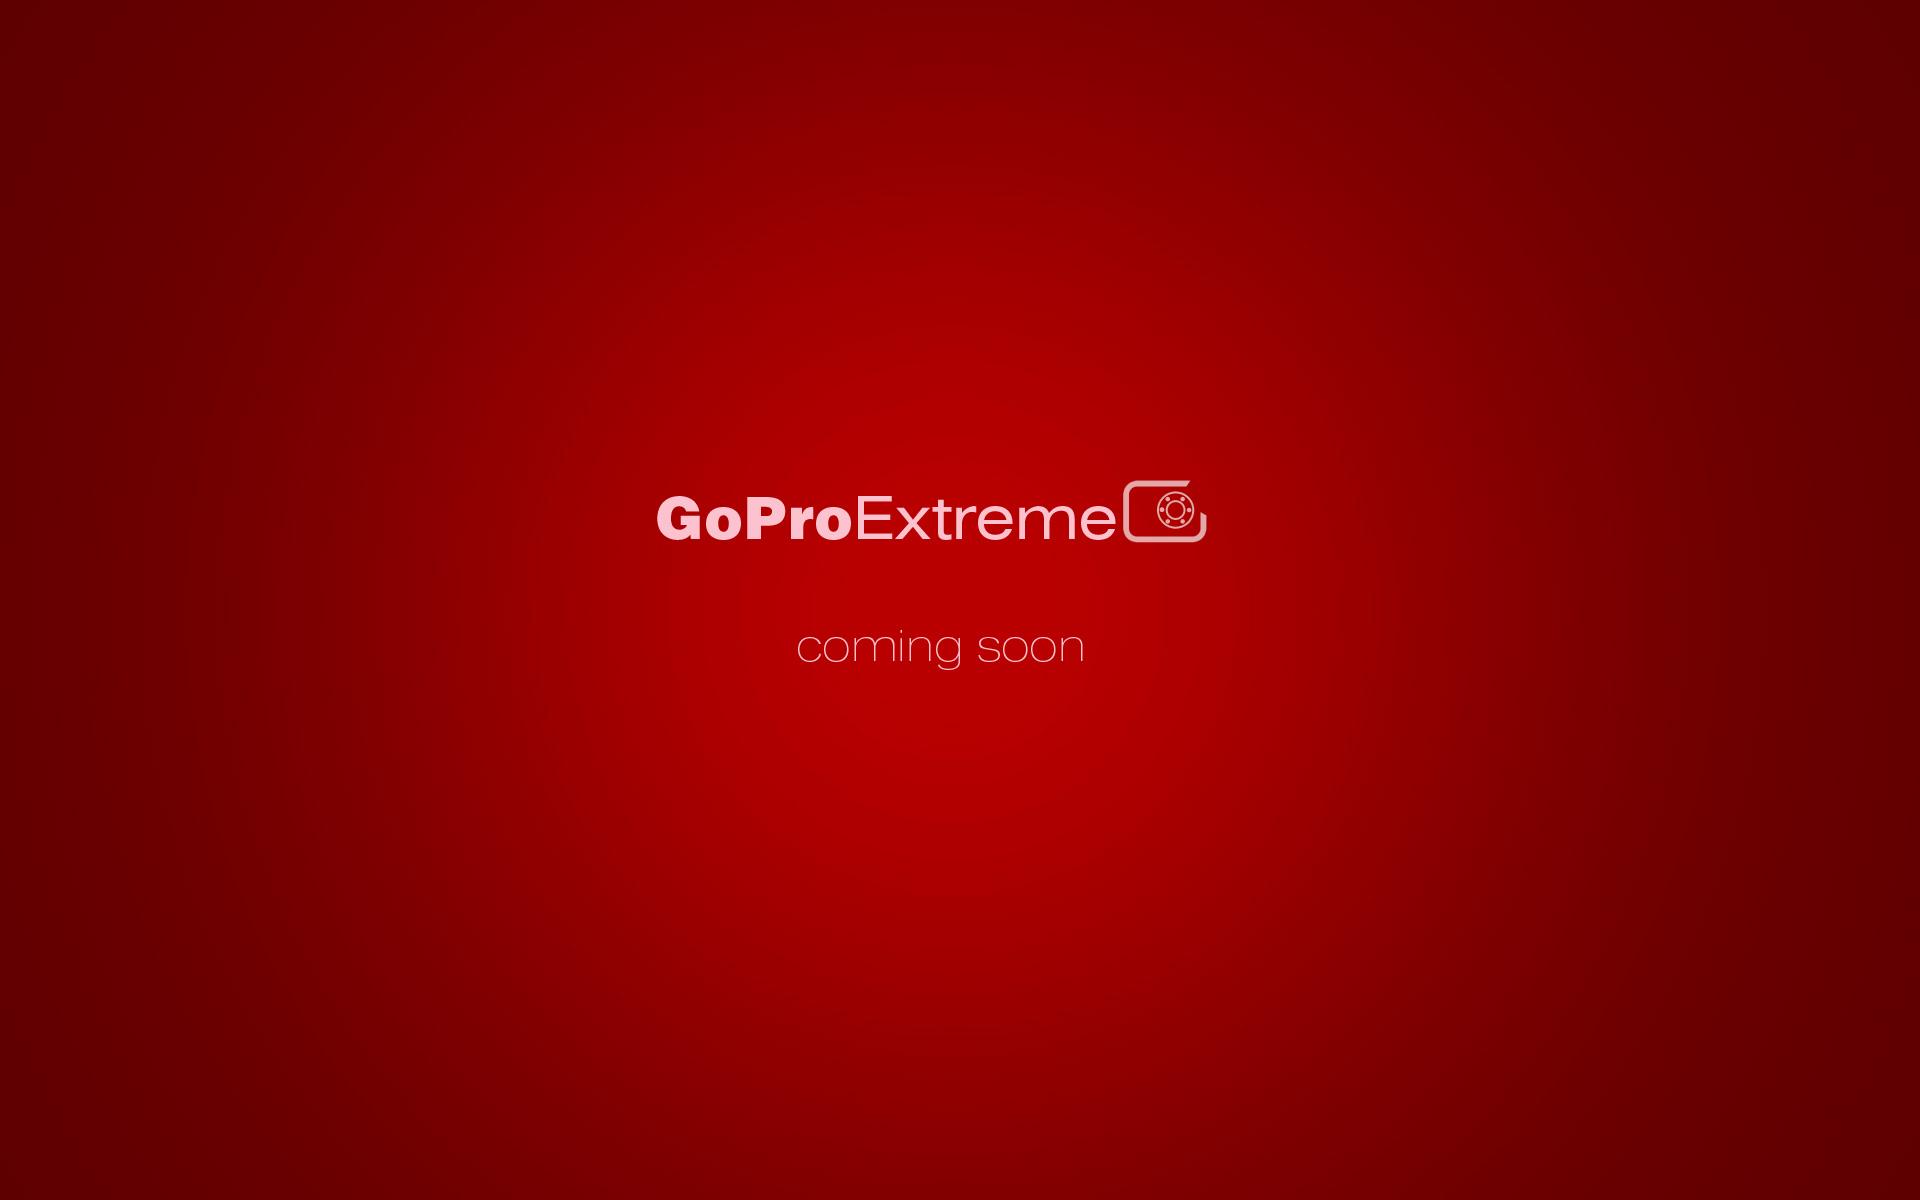 Сайт экшн-камер GoPro GoProExtreme